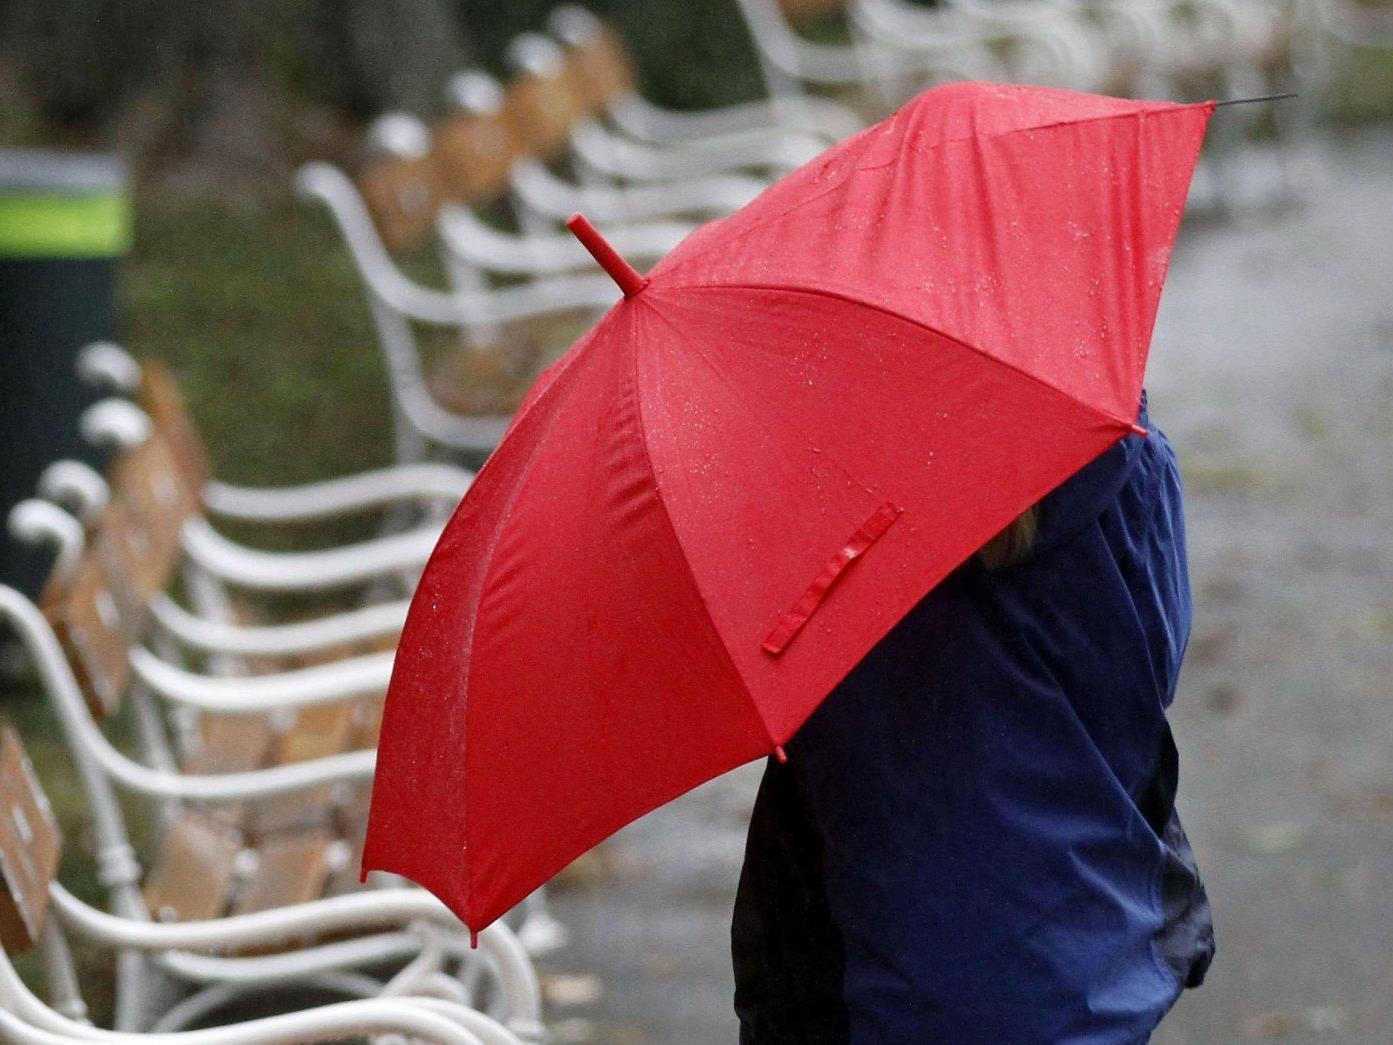 Wetteraussichten für das Wochenende: Nach sommerlichen Temperaturen kehren Regen und Wind zurück.